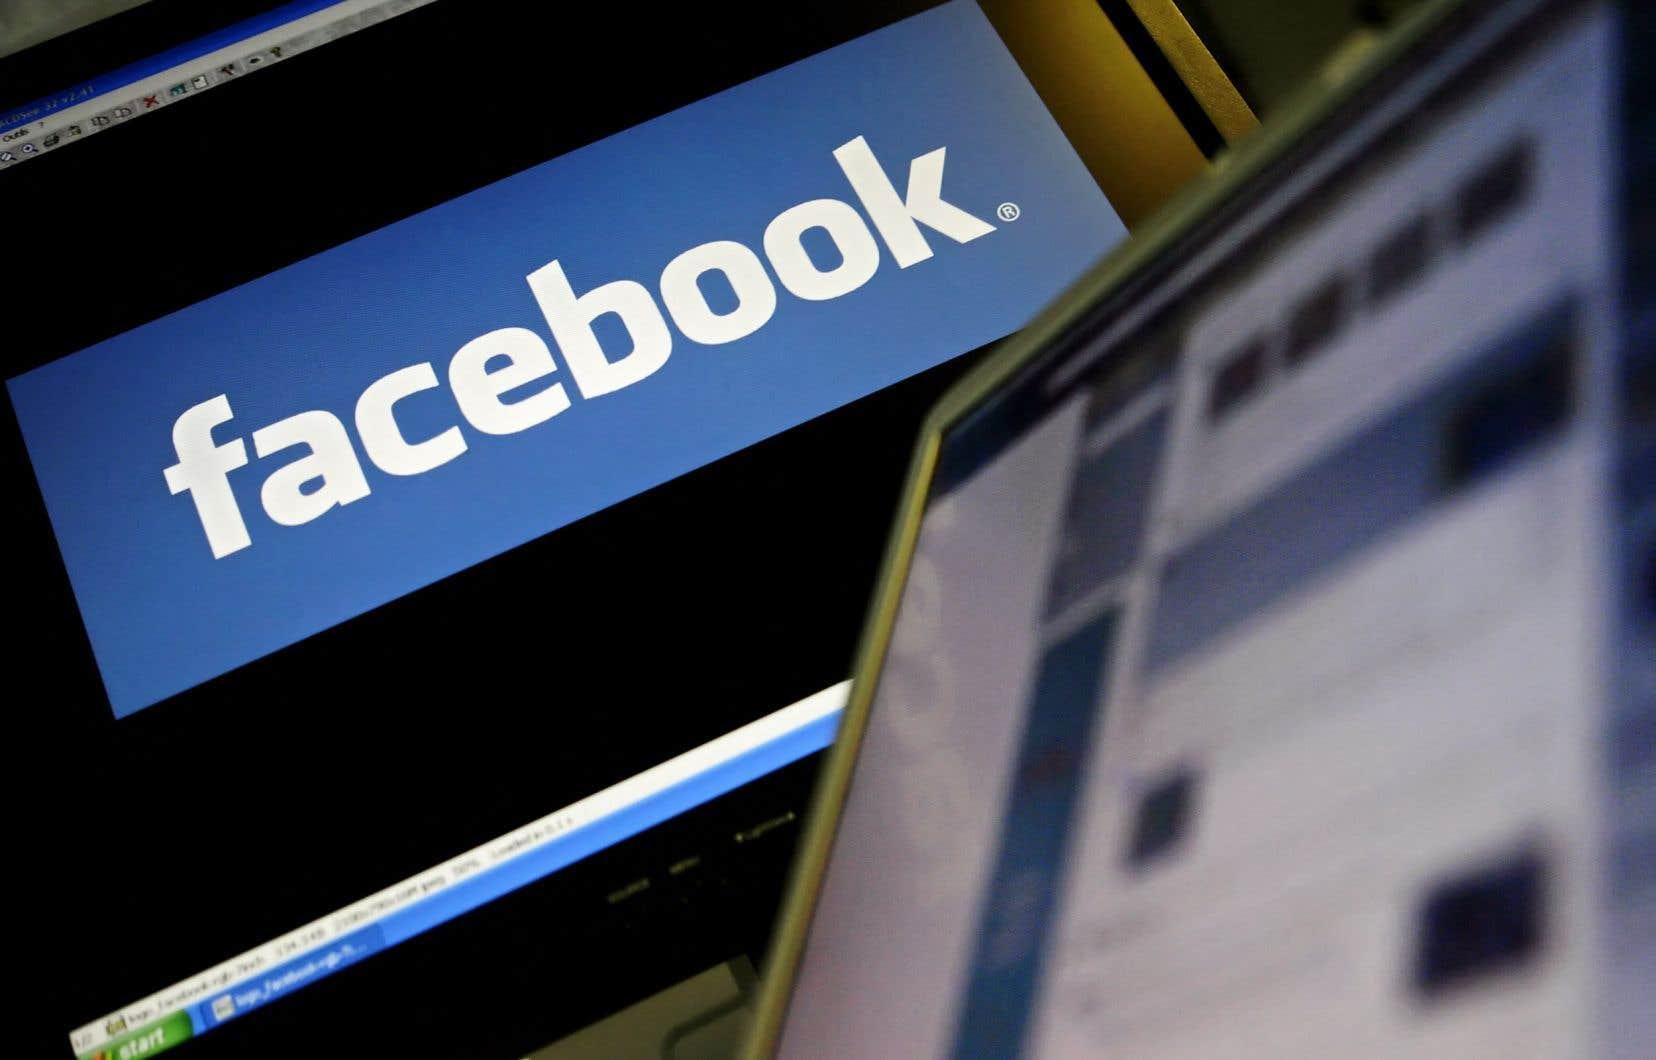 Grâce aux technologies d'intelligence artificielle (IA), les systèmes automatisés de Facebook scannent déjà les échanges sur les groupes pour retirer les infractions.